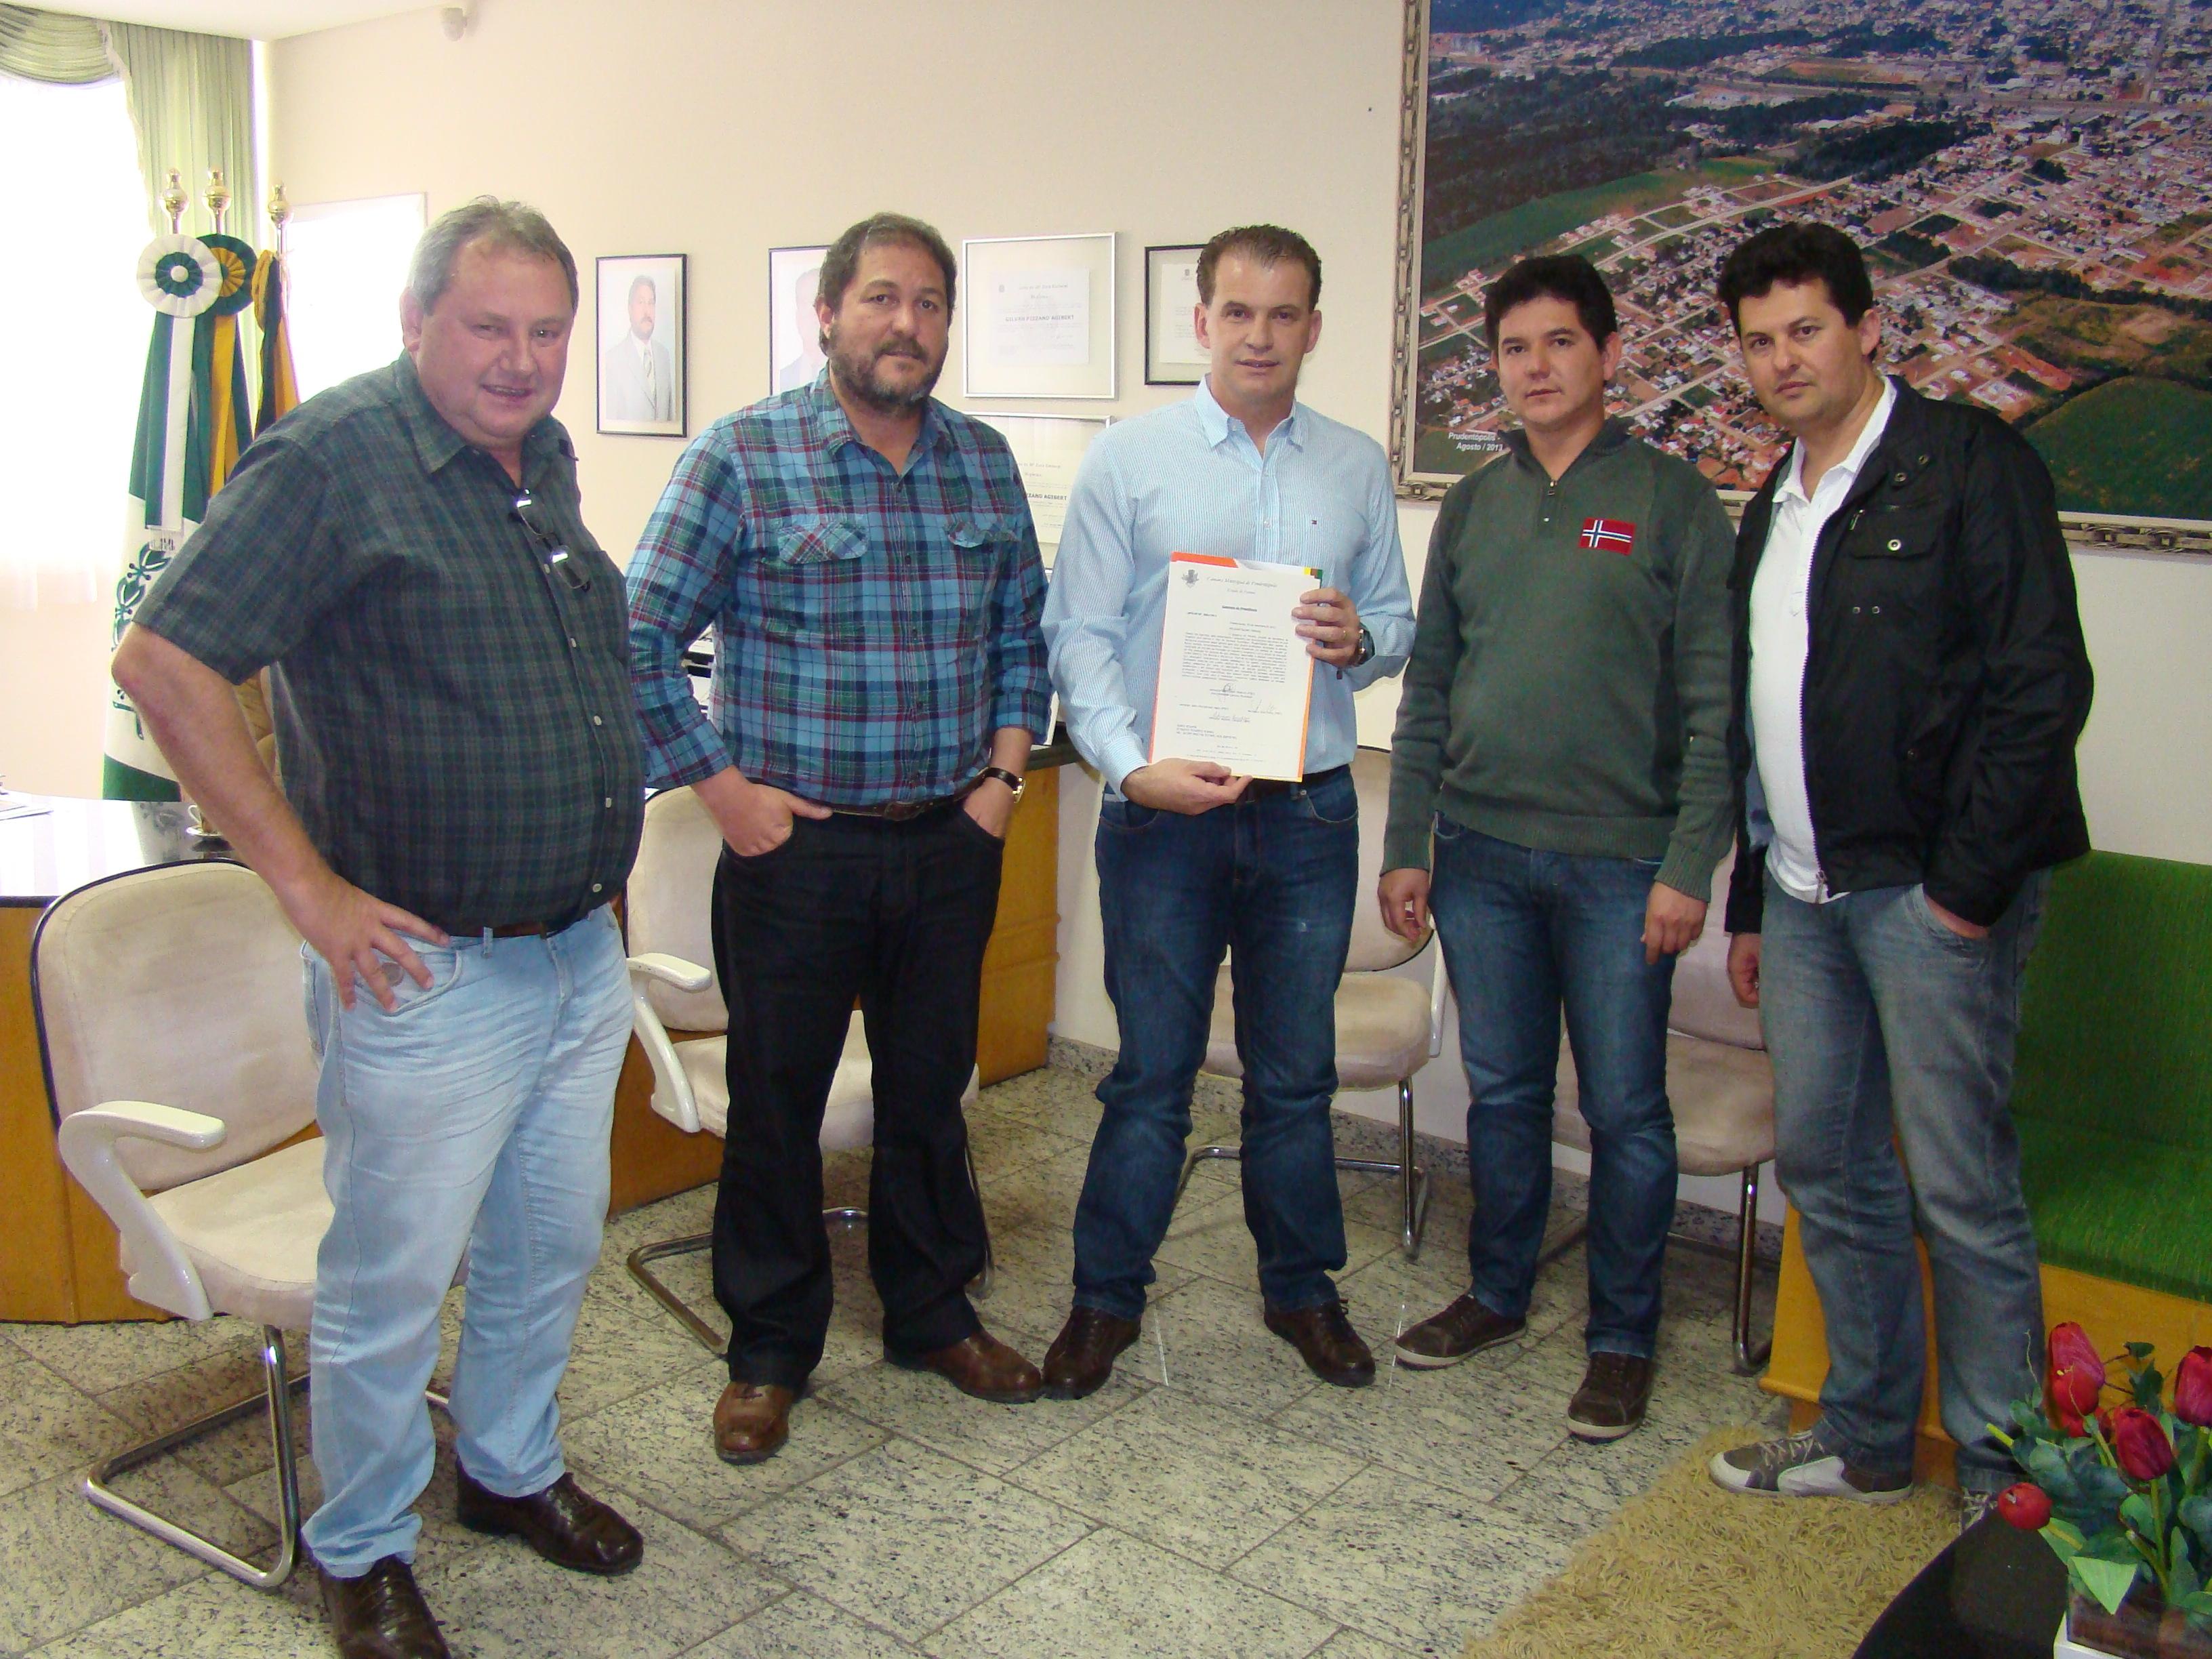 Prefeito Gilvan, Presidente Makuch, Vereadores Jos� Petez, Adriano Cardoso, entregam Of�cio ao Secret�rio Roman